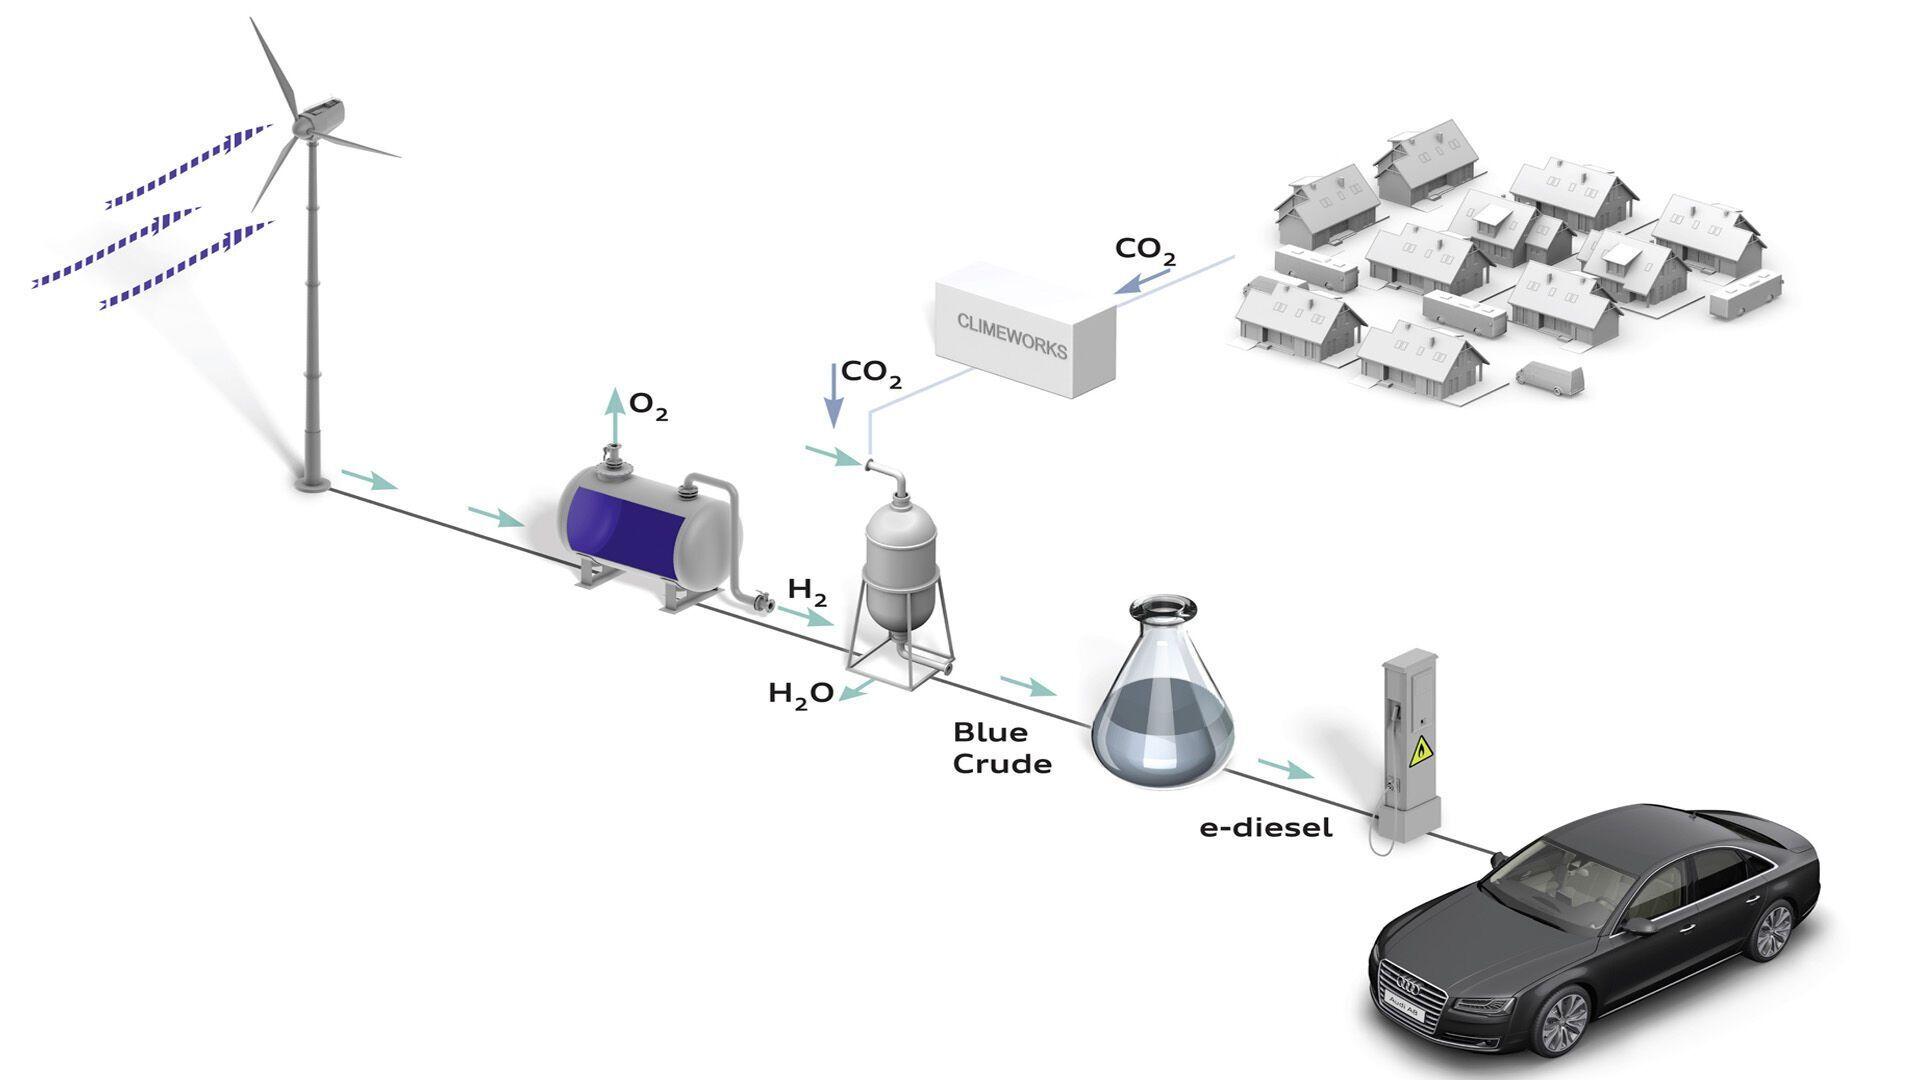 Схематическое изображение процесса синтеза искусственного автомобильного дизтоплива (e-diesel) с использованием энергии ветрогенераторов